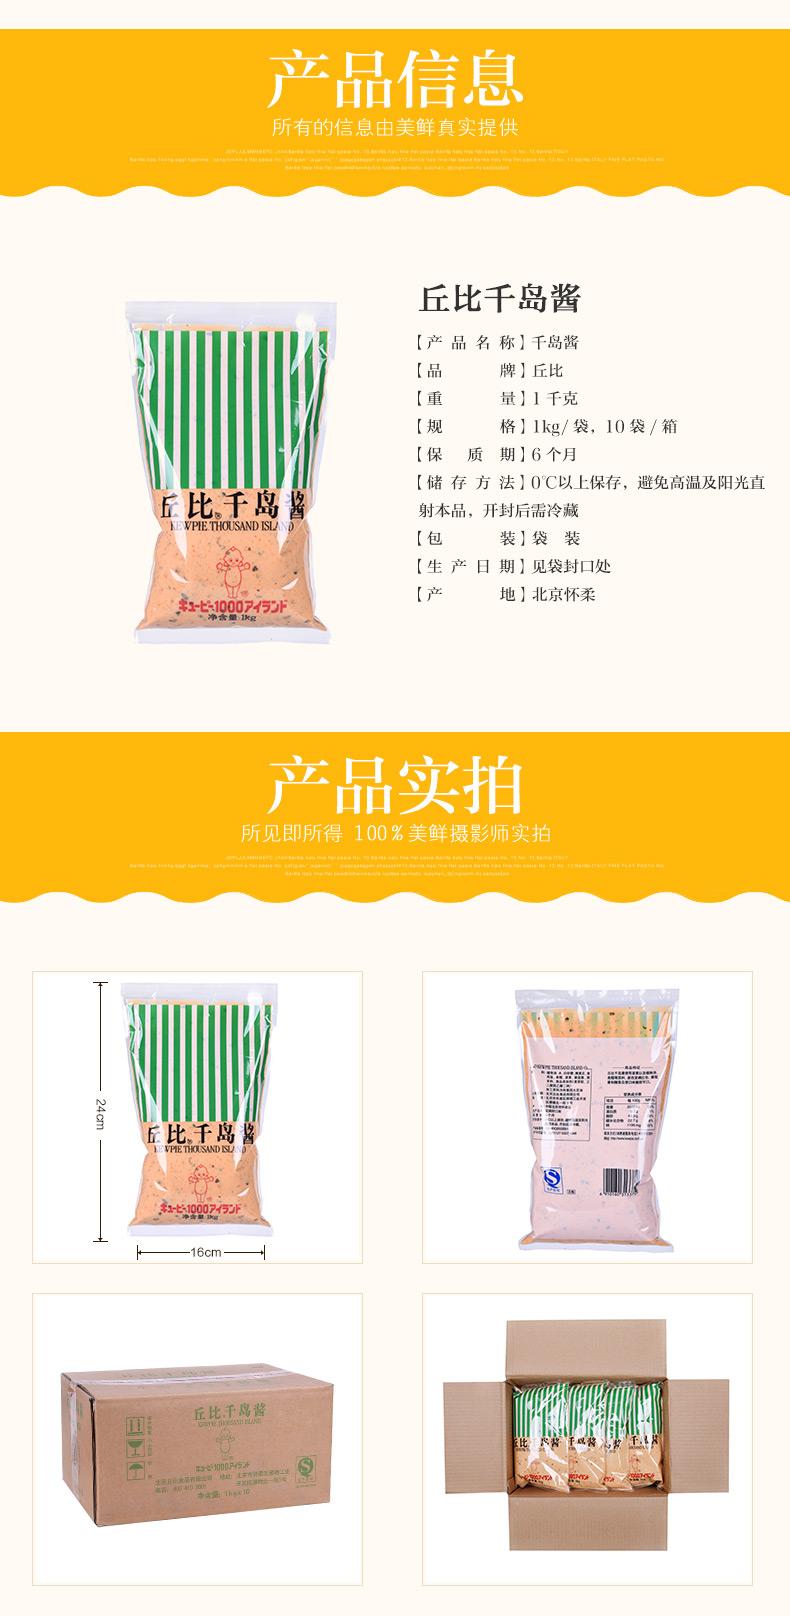 丘比 千岛酱 1kg/袋 10袋/箱